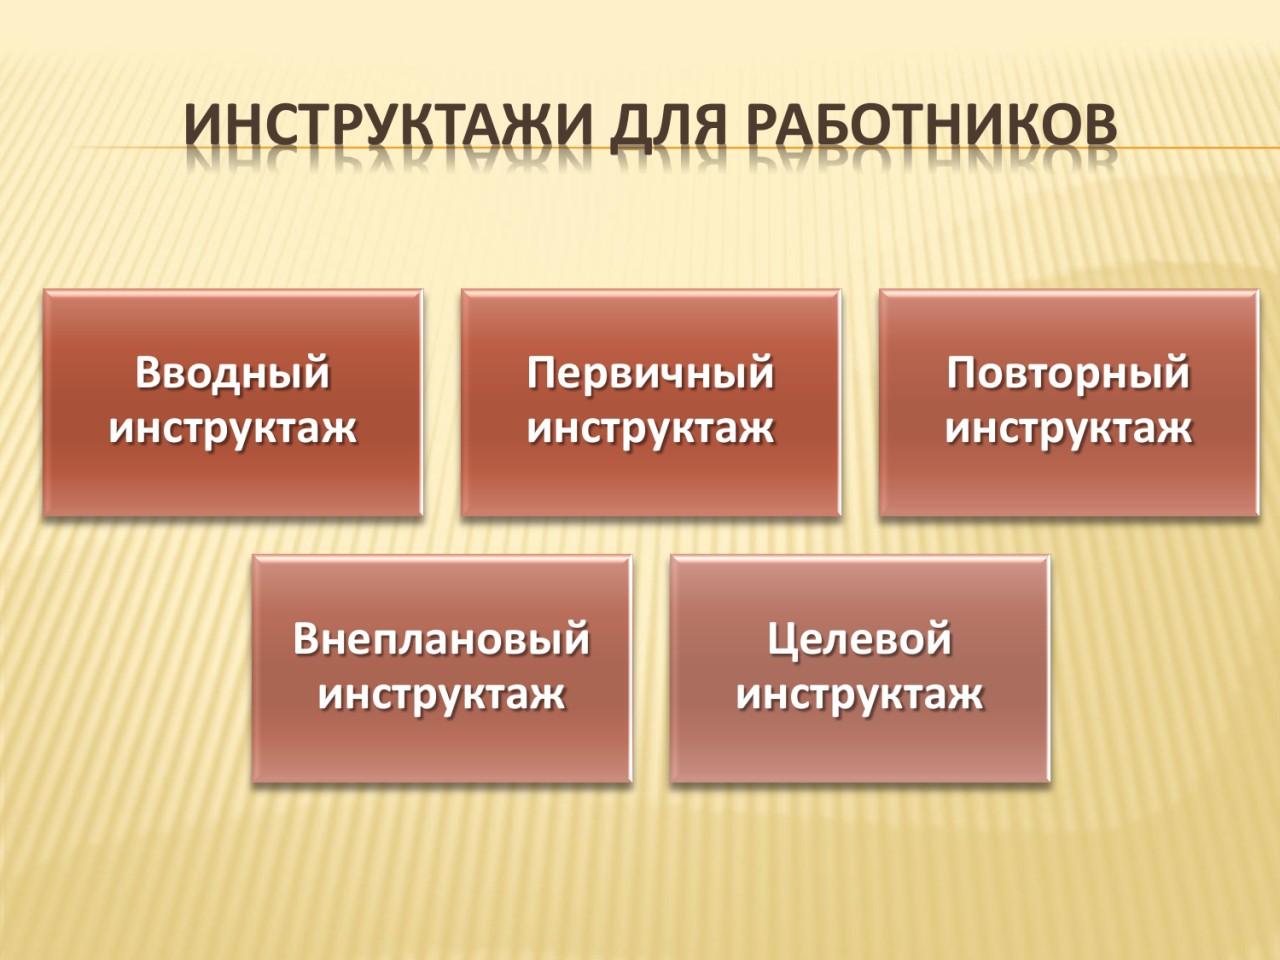 Инструктаж